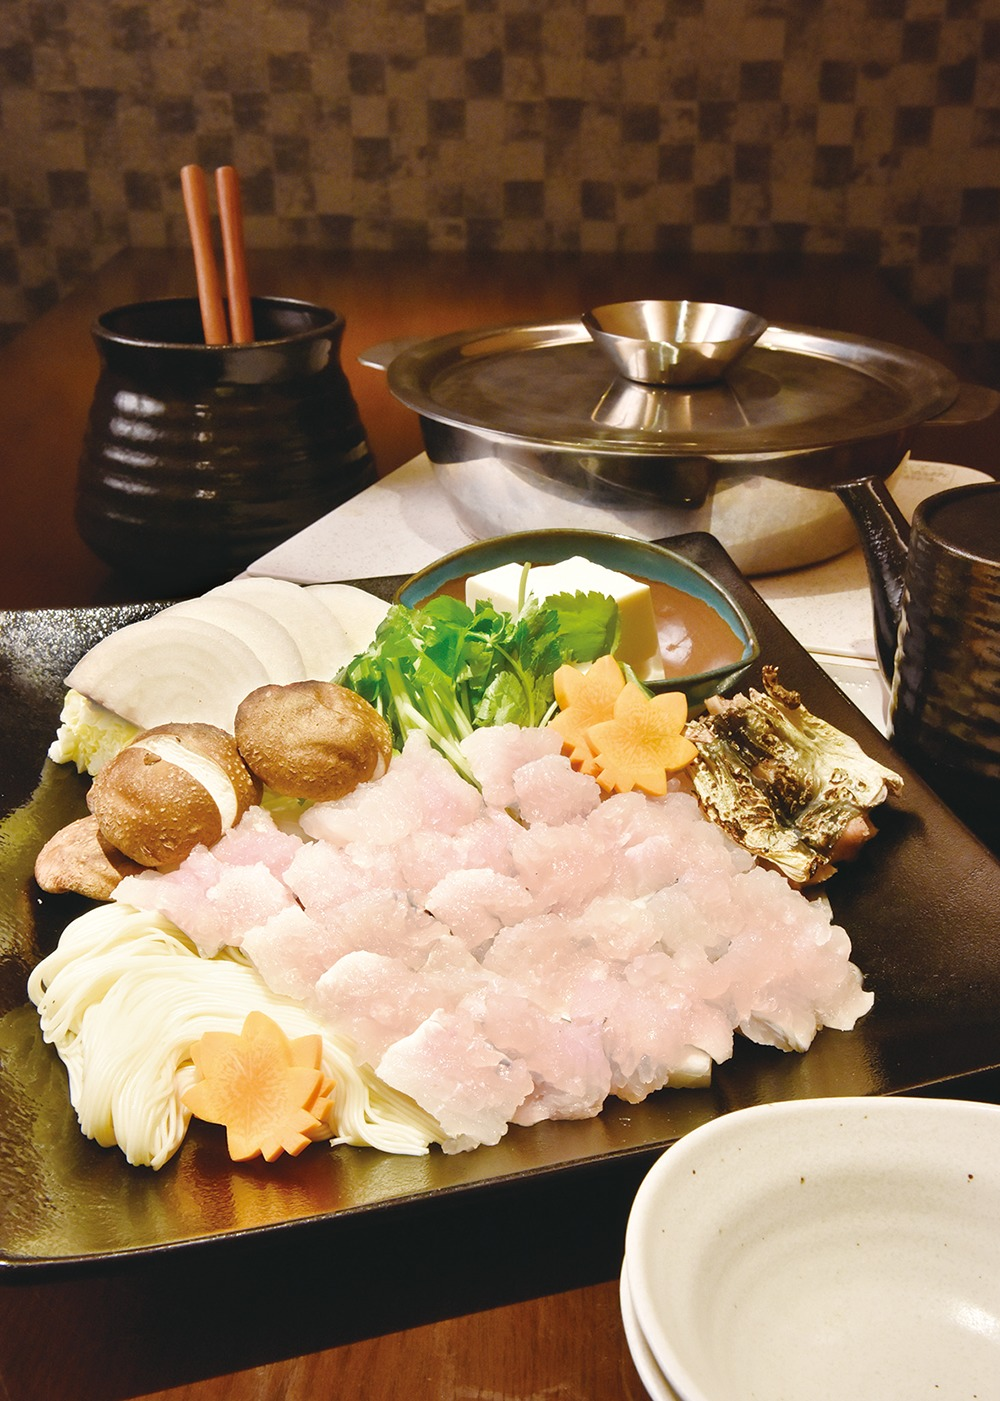 奈良県、奈良市、ハモ料理、夏季限定、国産ハモ、地鶏ちゃんこ,寄せ鍋